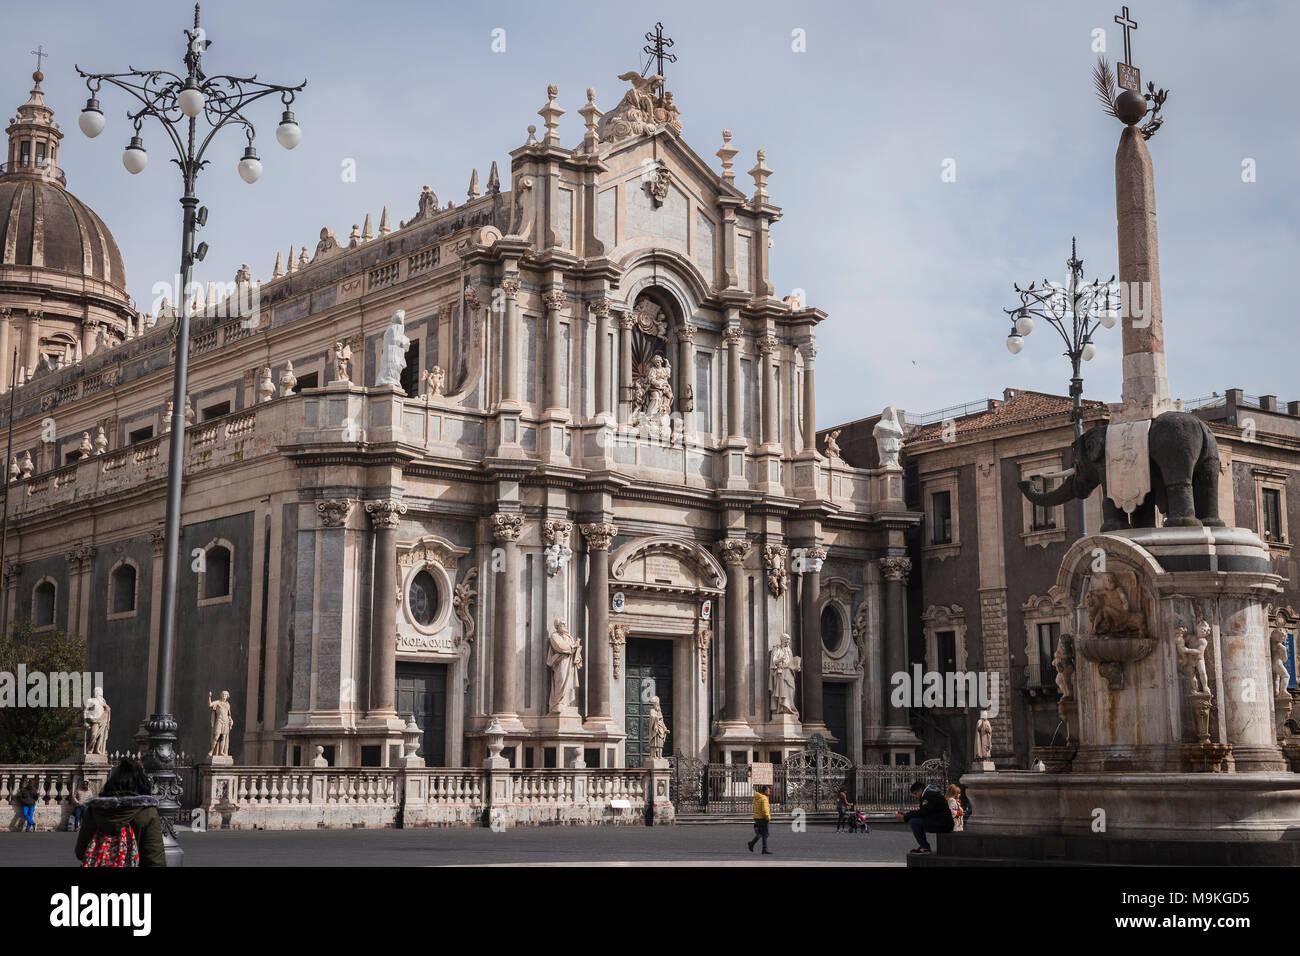 """Die Piazza del Duomo mit der Fassade der Kathedrale und der Elefant Fountain' u Liotru"""", Symbol von Catania, Sizilien, Italien. Stockbild"""